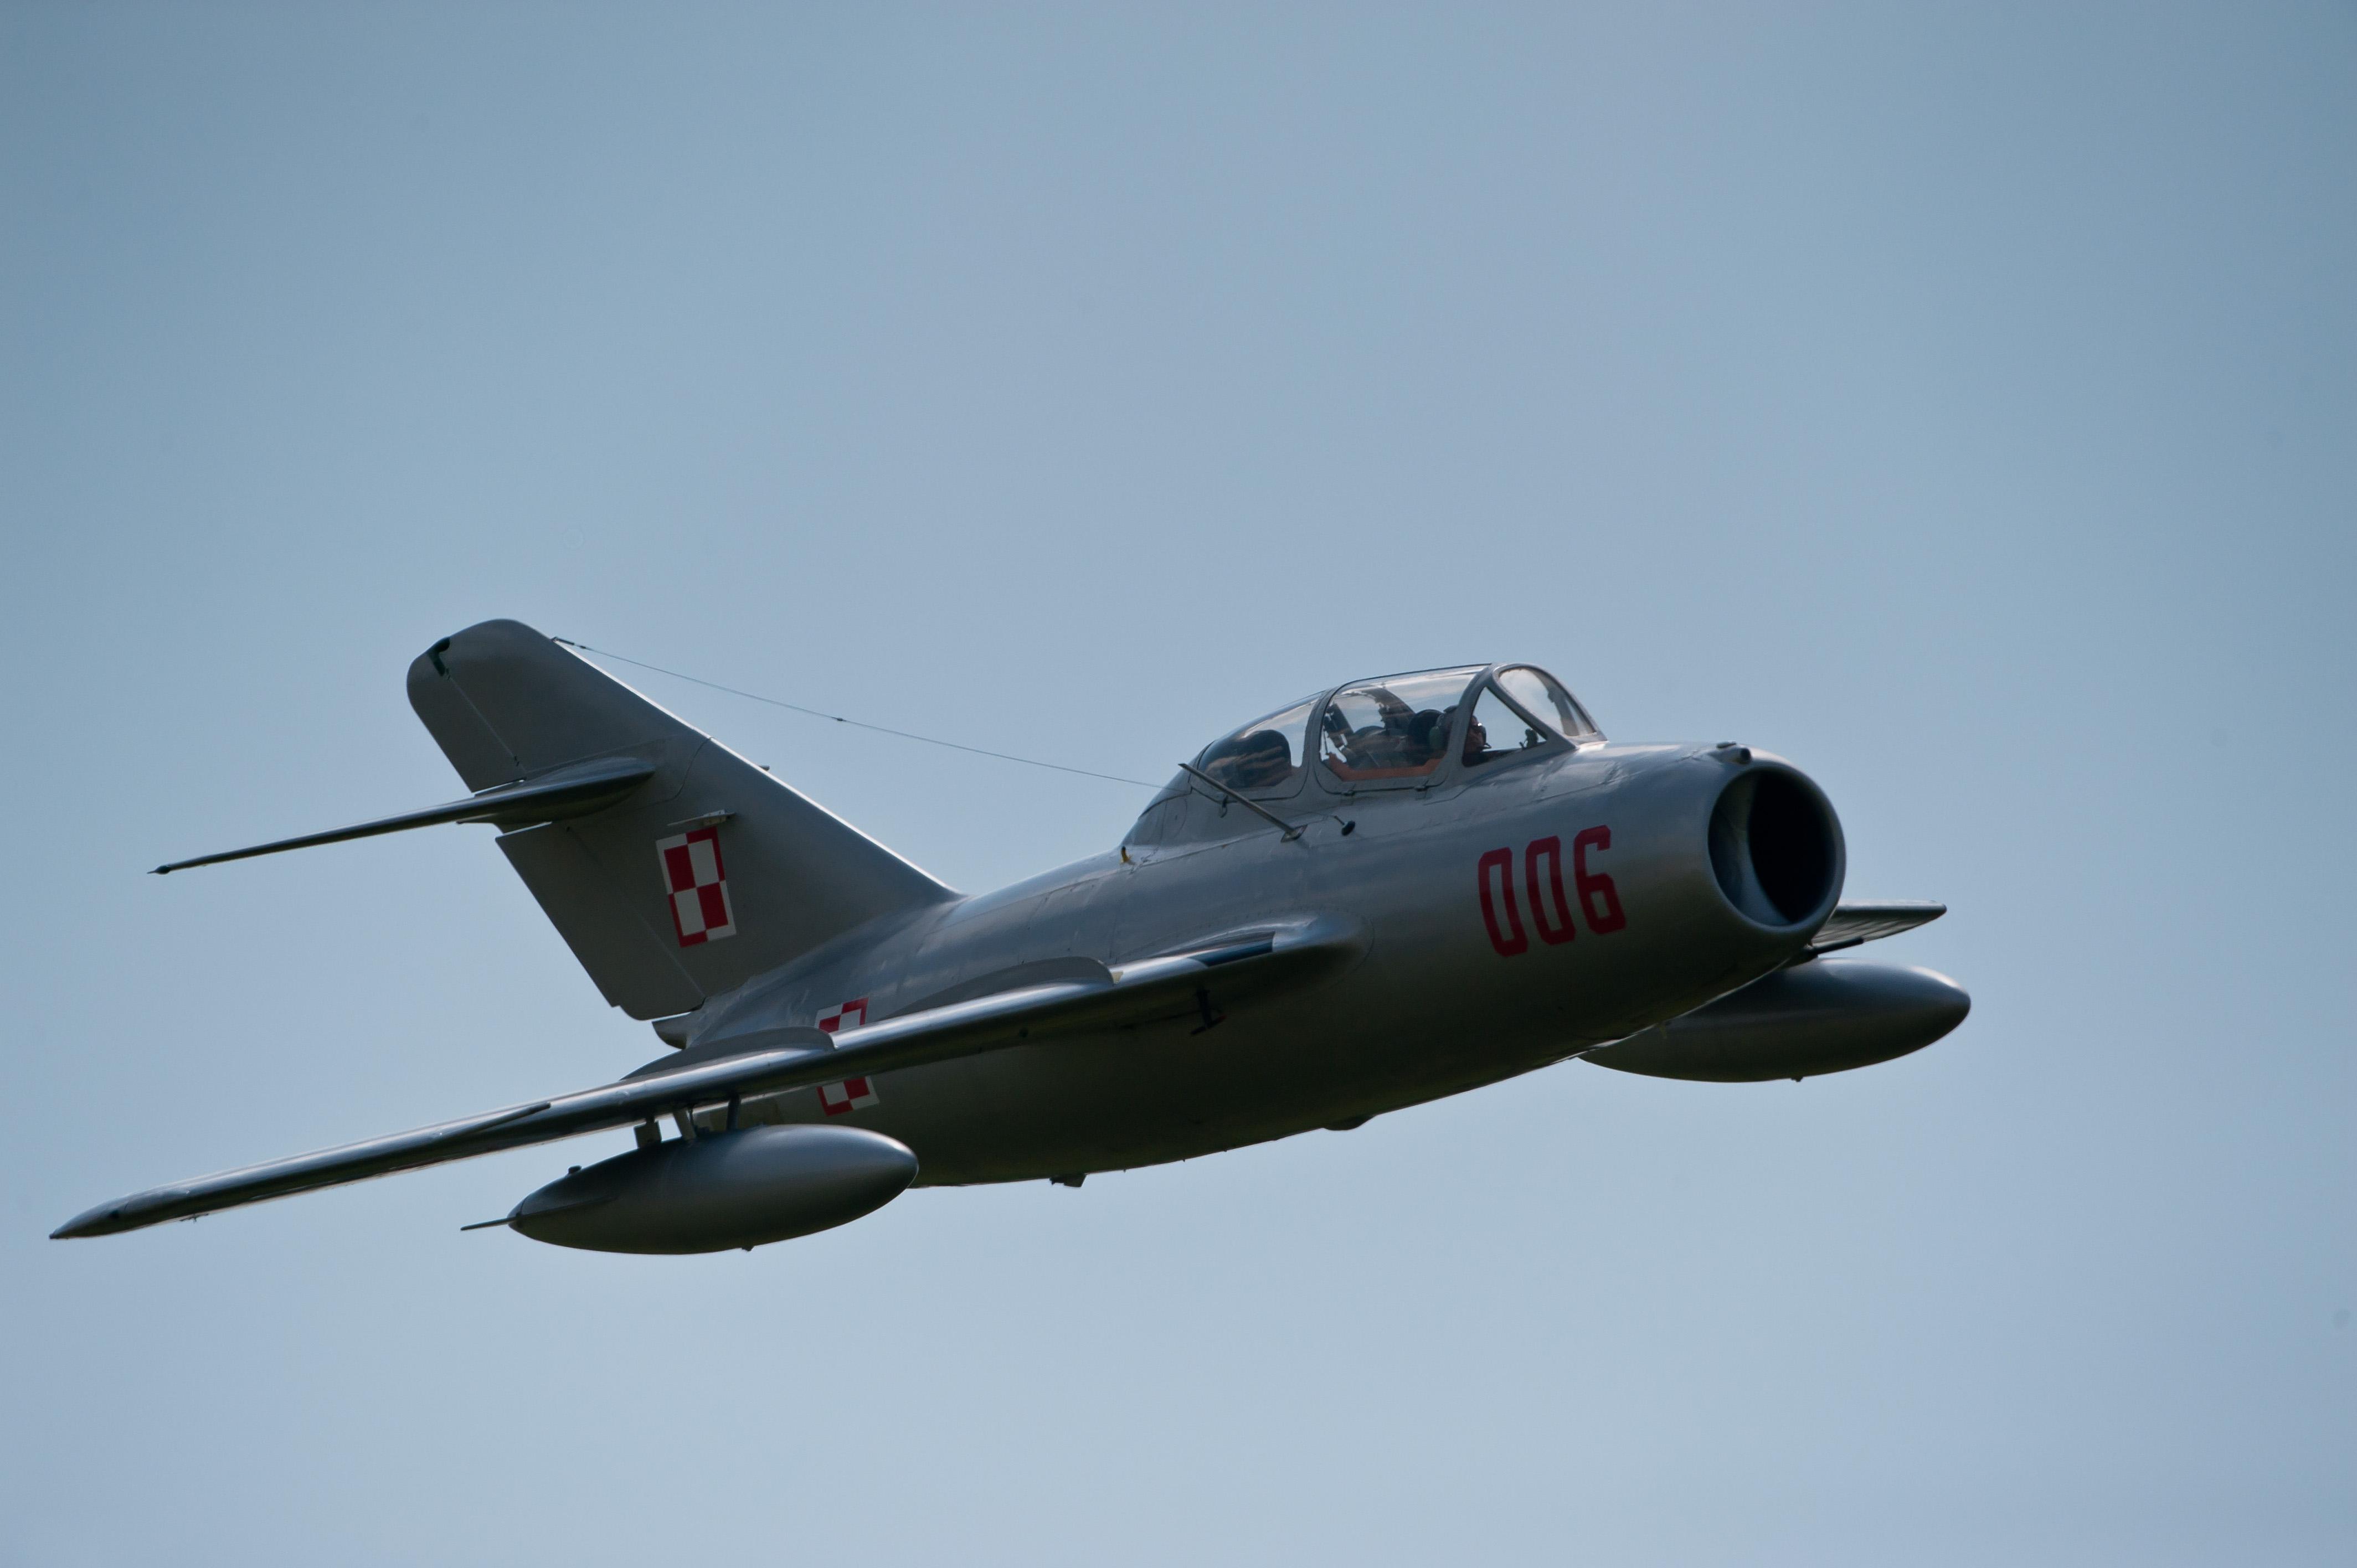 MiG-15 (Lim-2) flights in Poland  MiG-15 (Lim-2) ...